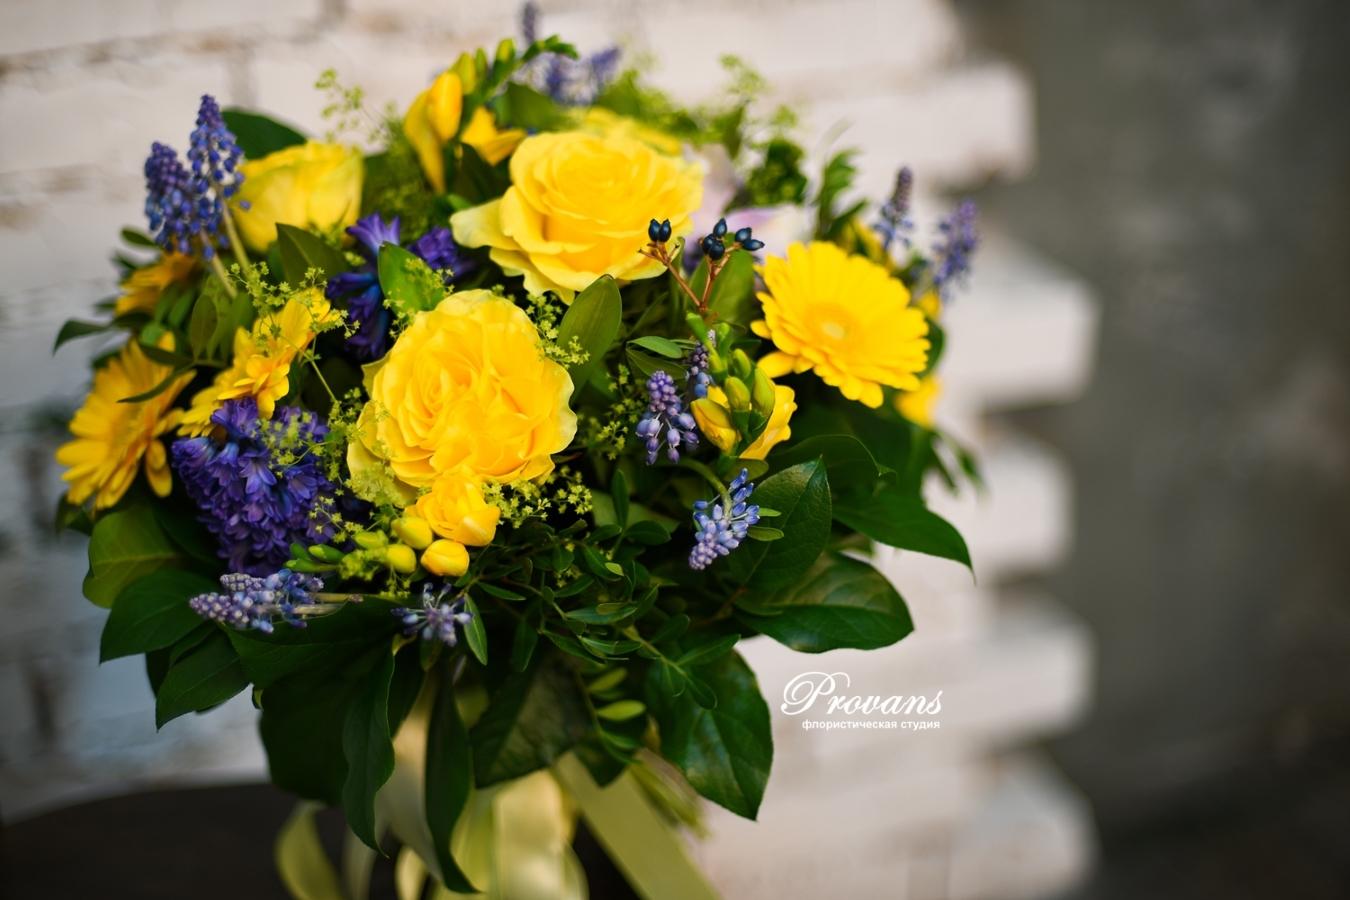 Букет на день рождения. Розы, герберы, гиацинты, фрезия, мускари